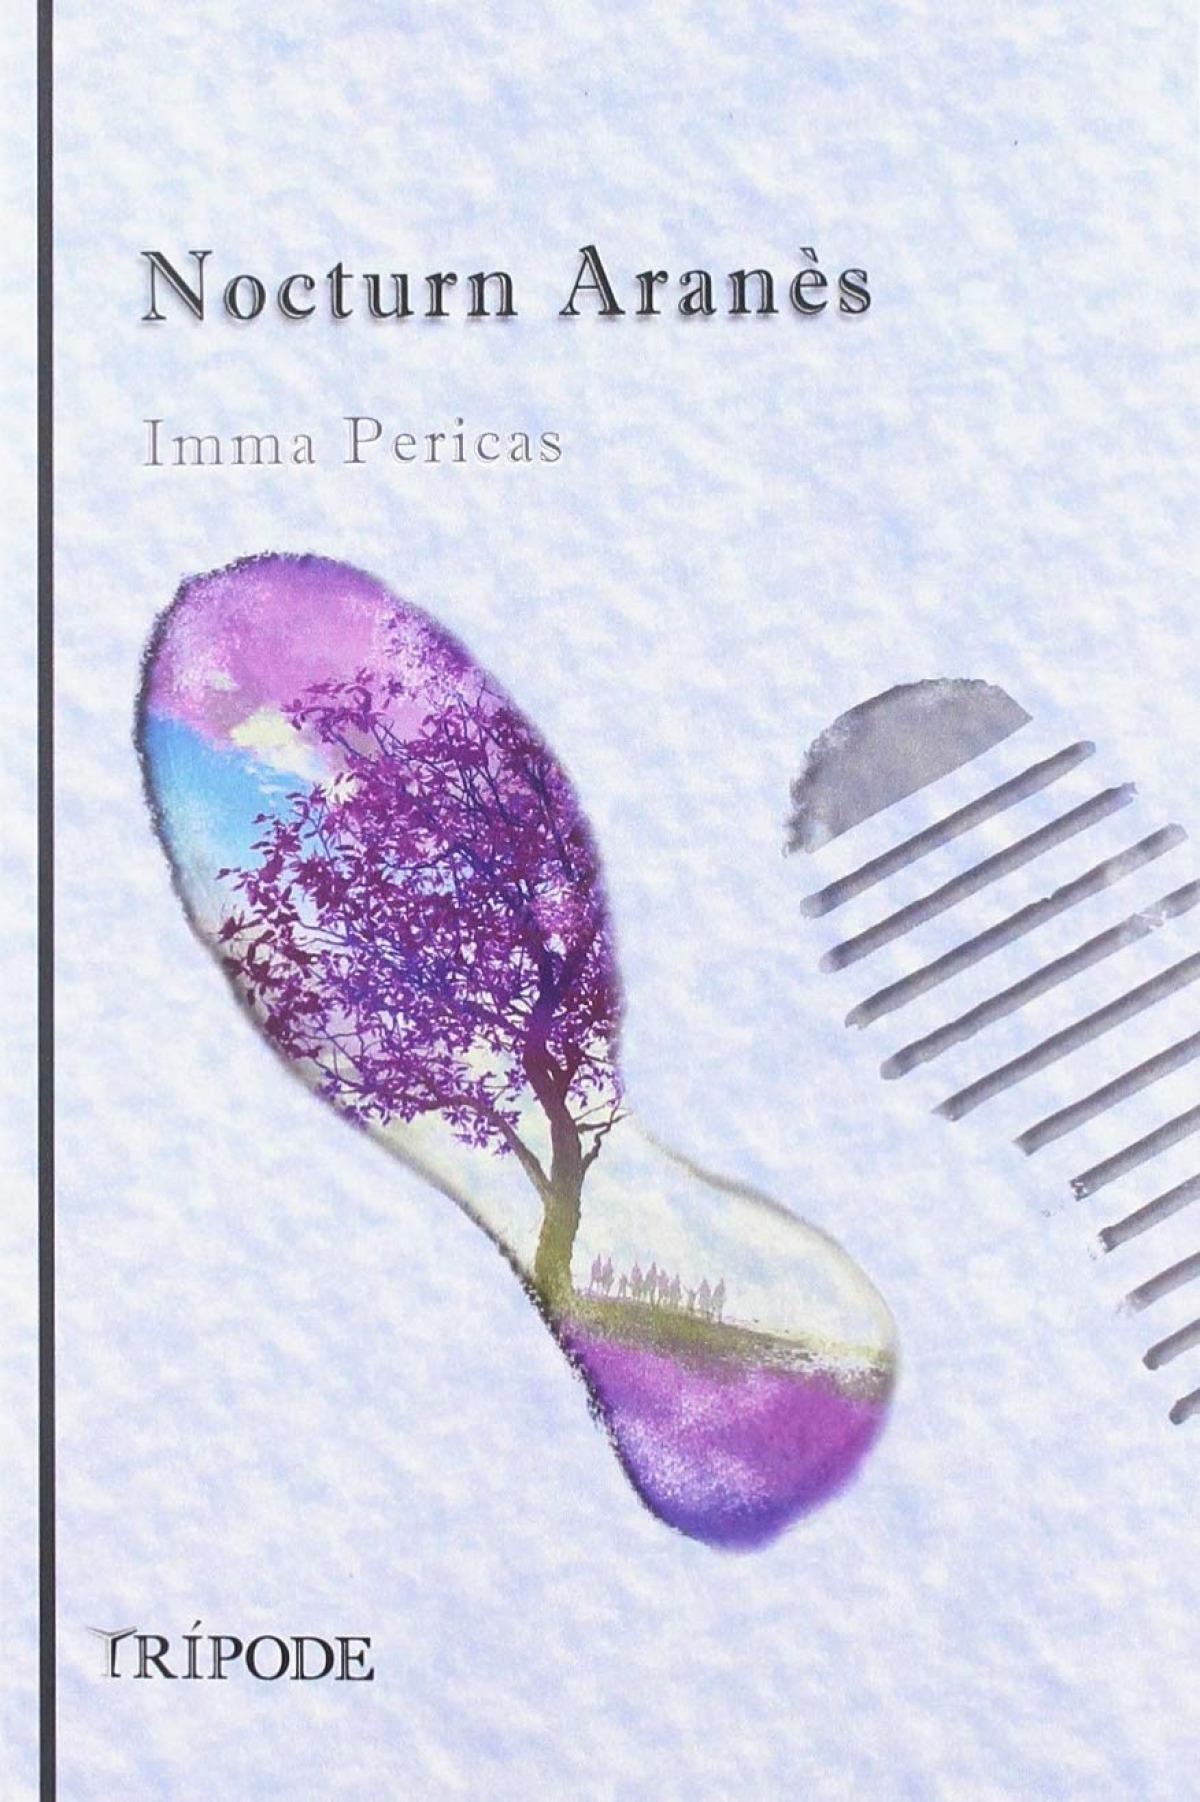 NOCTURN ARANÉS 9788494881633